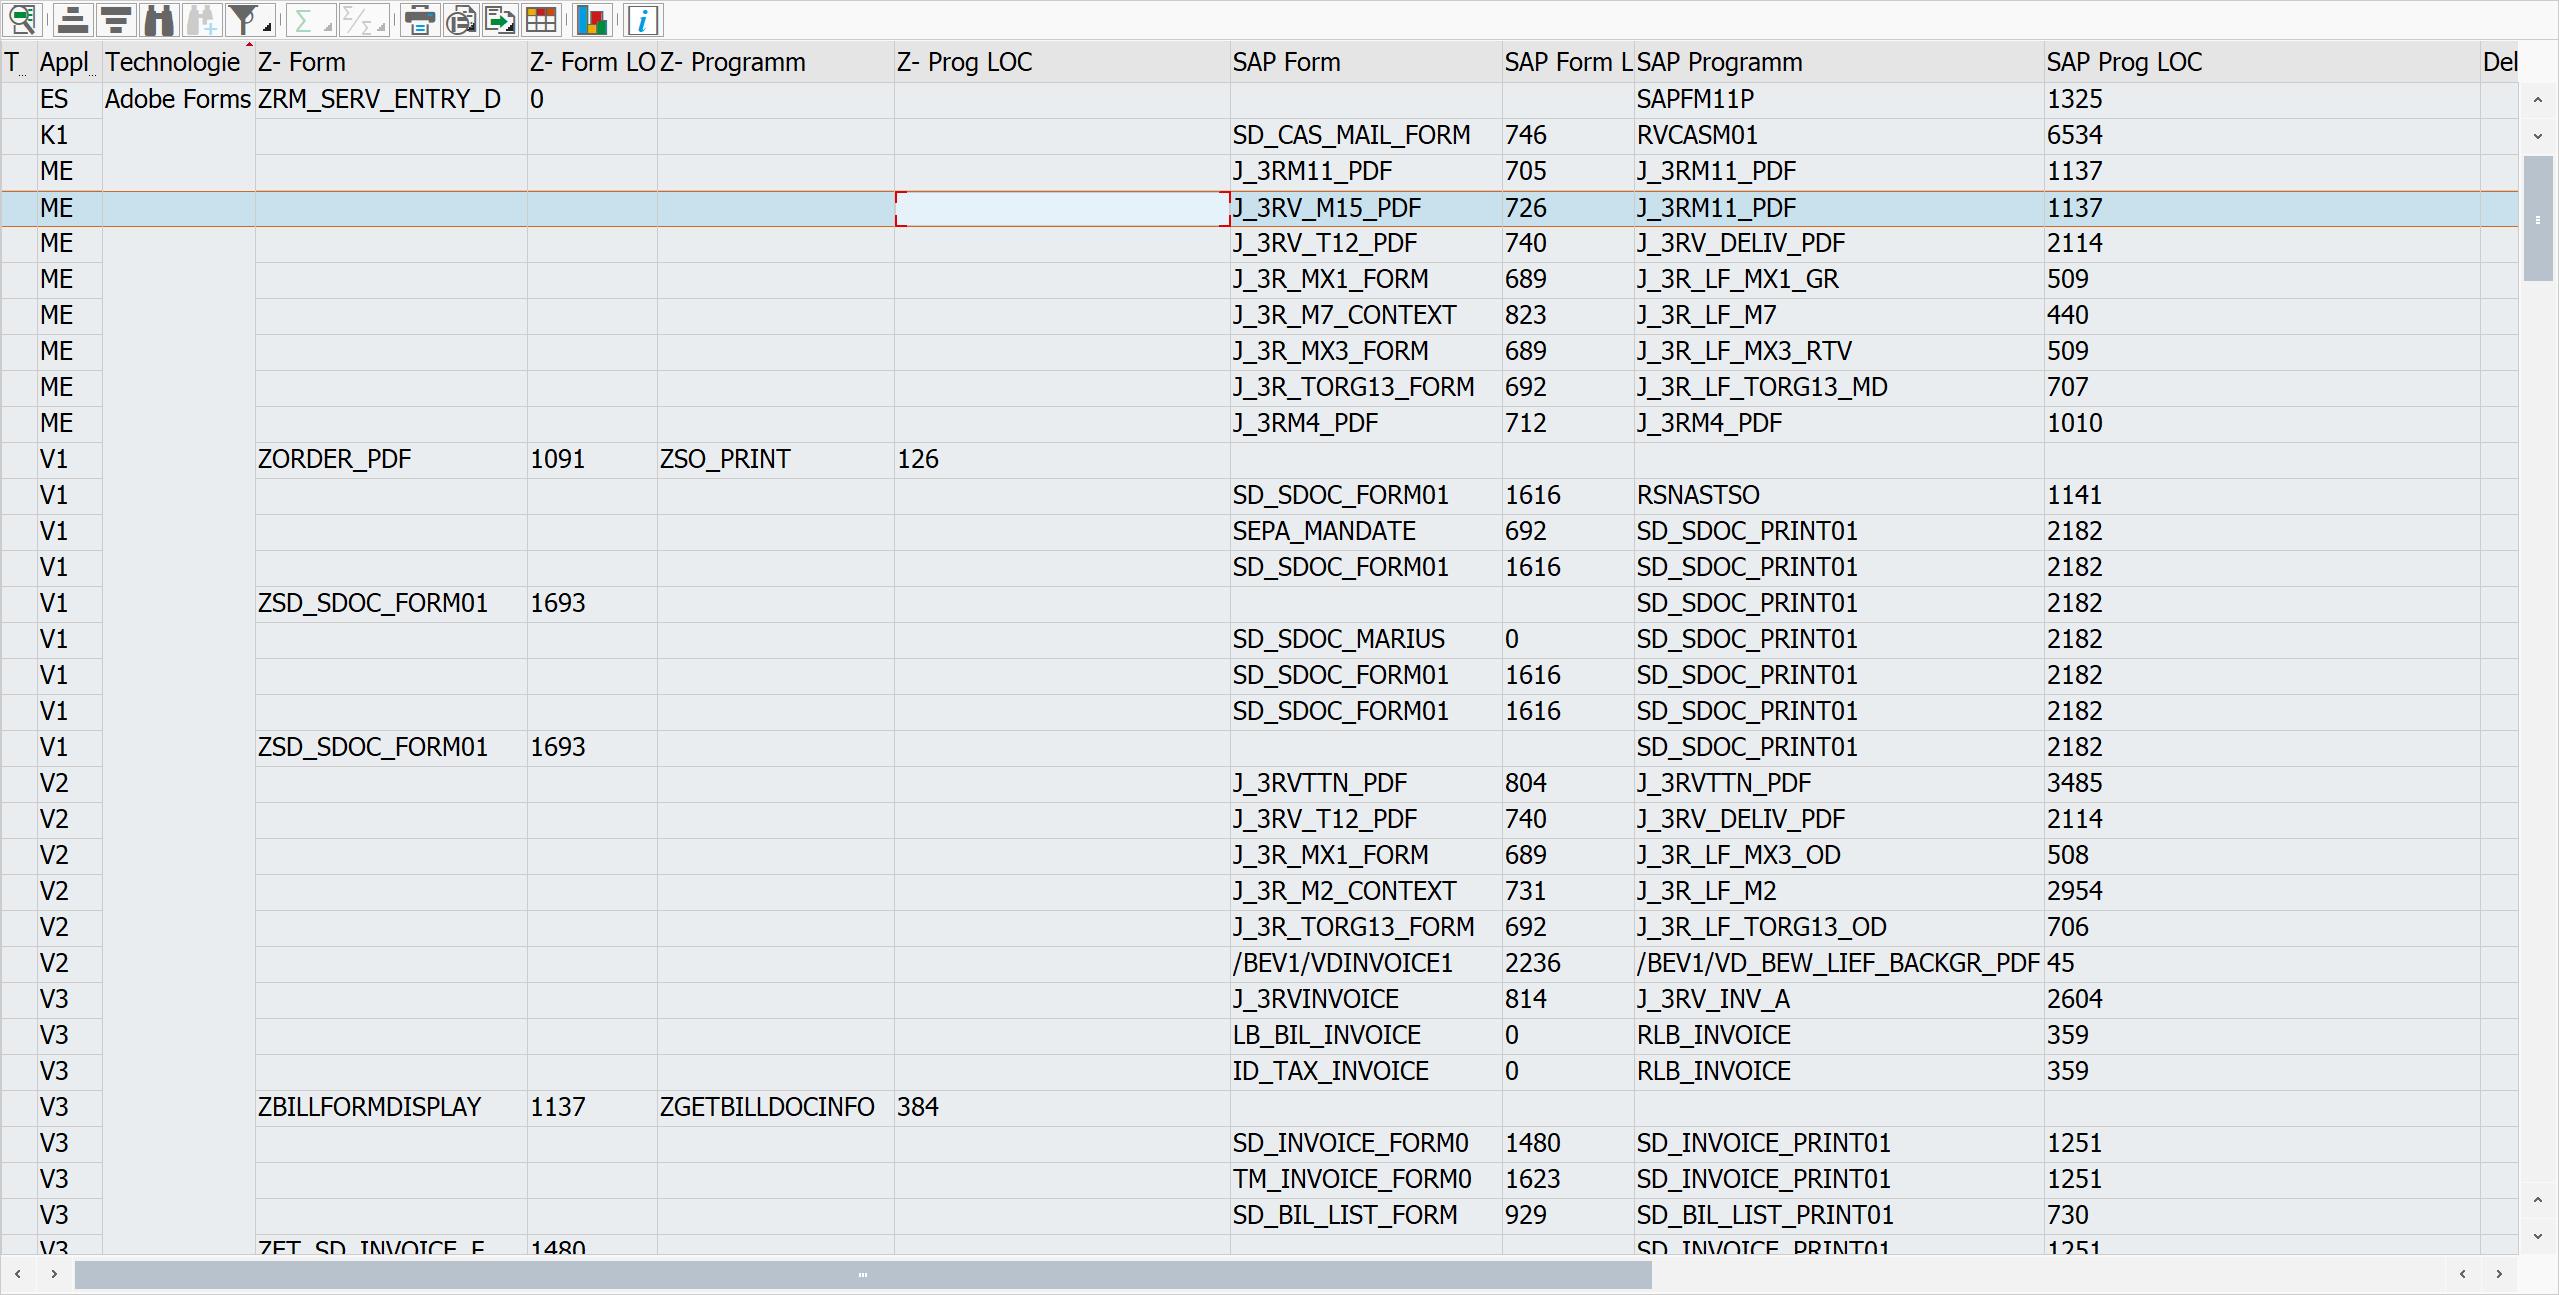 SAP Formular Check - Checkup Ihrer Formularlandschaft - mind-forms